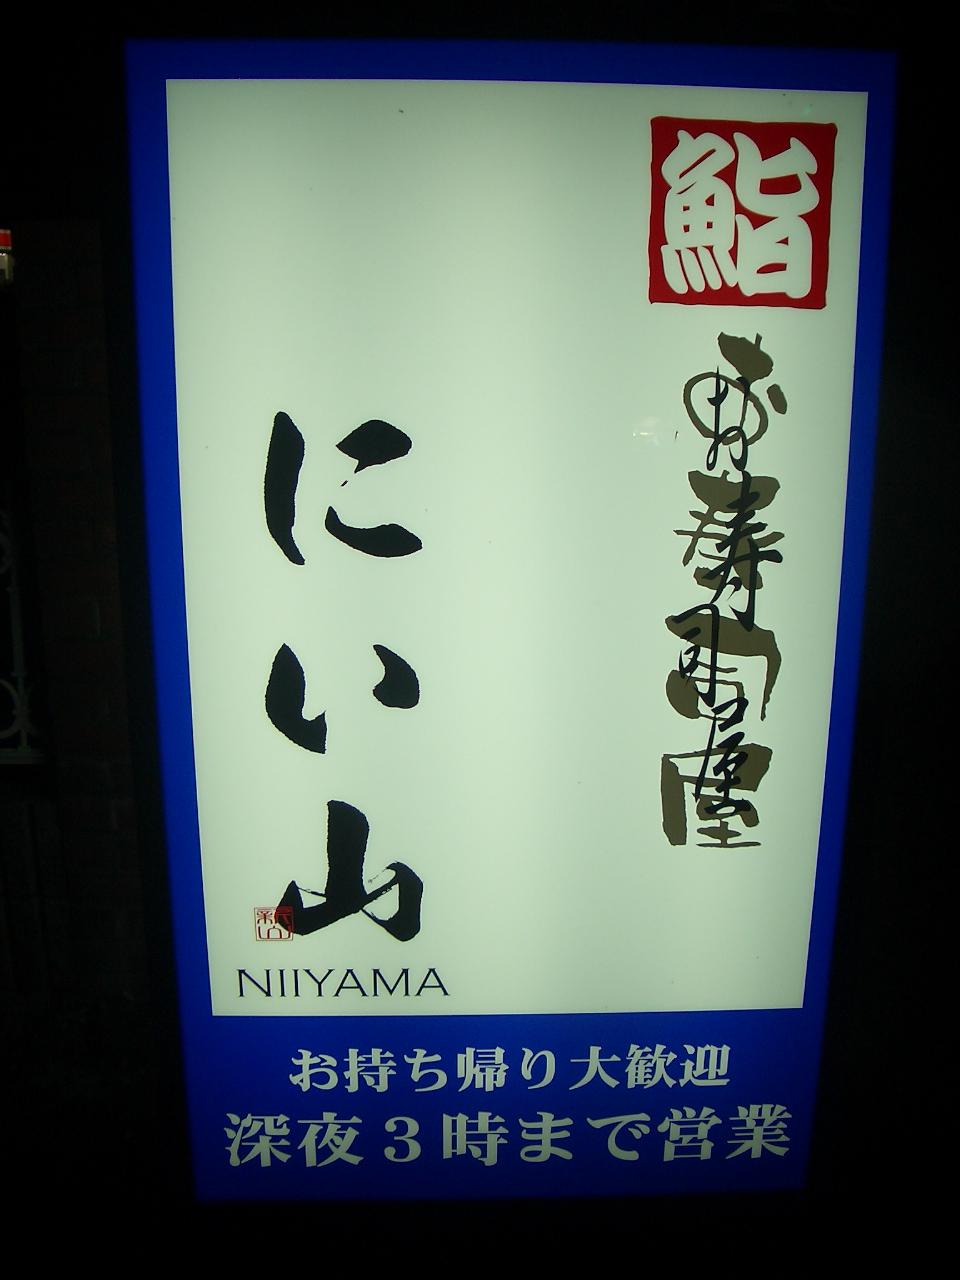 にい山 name=